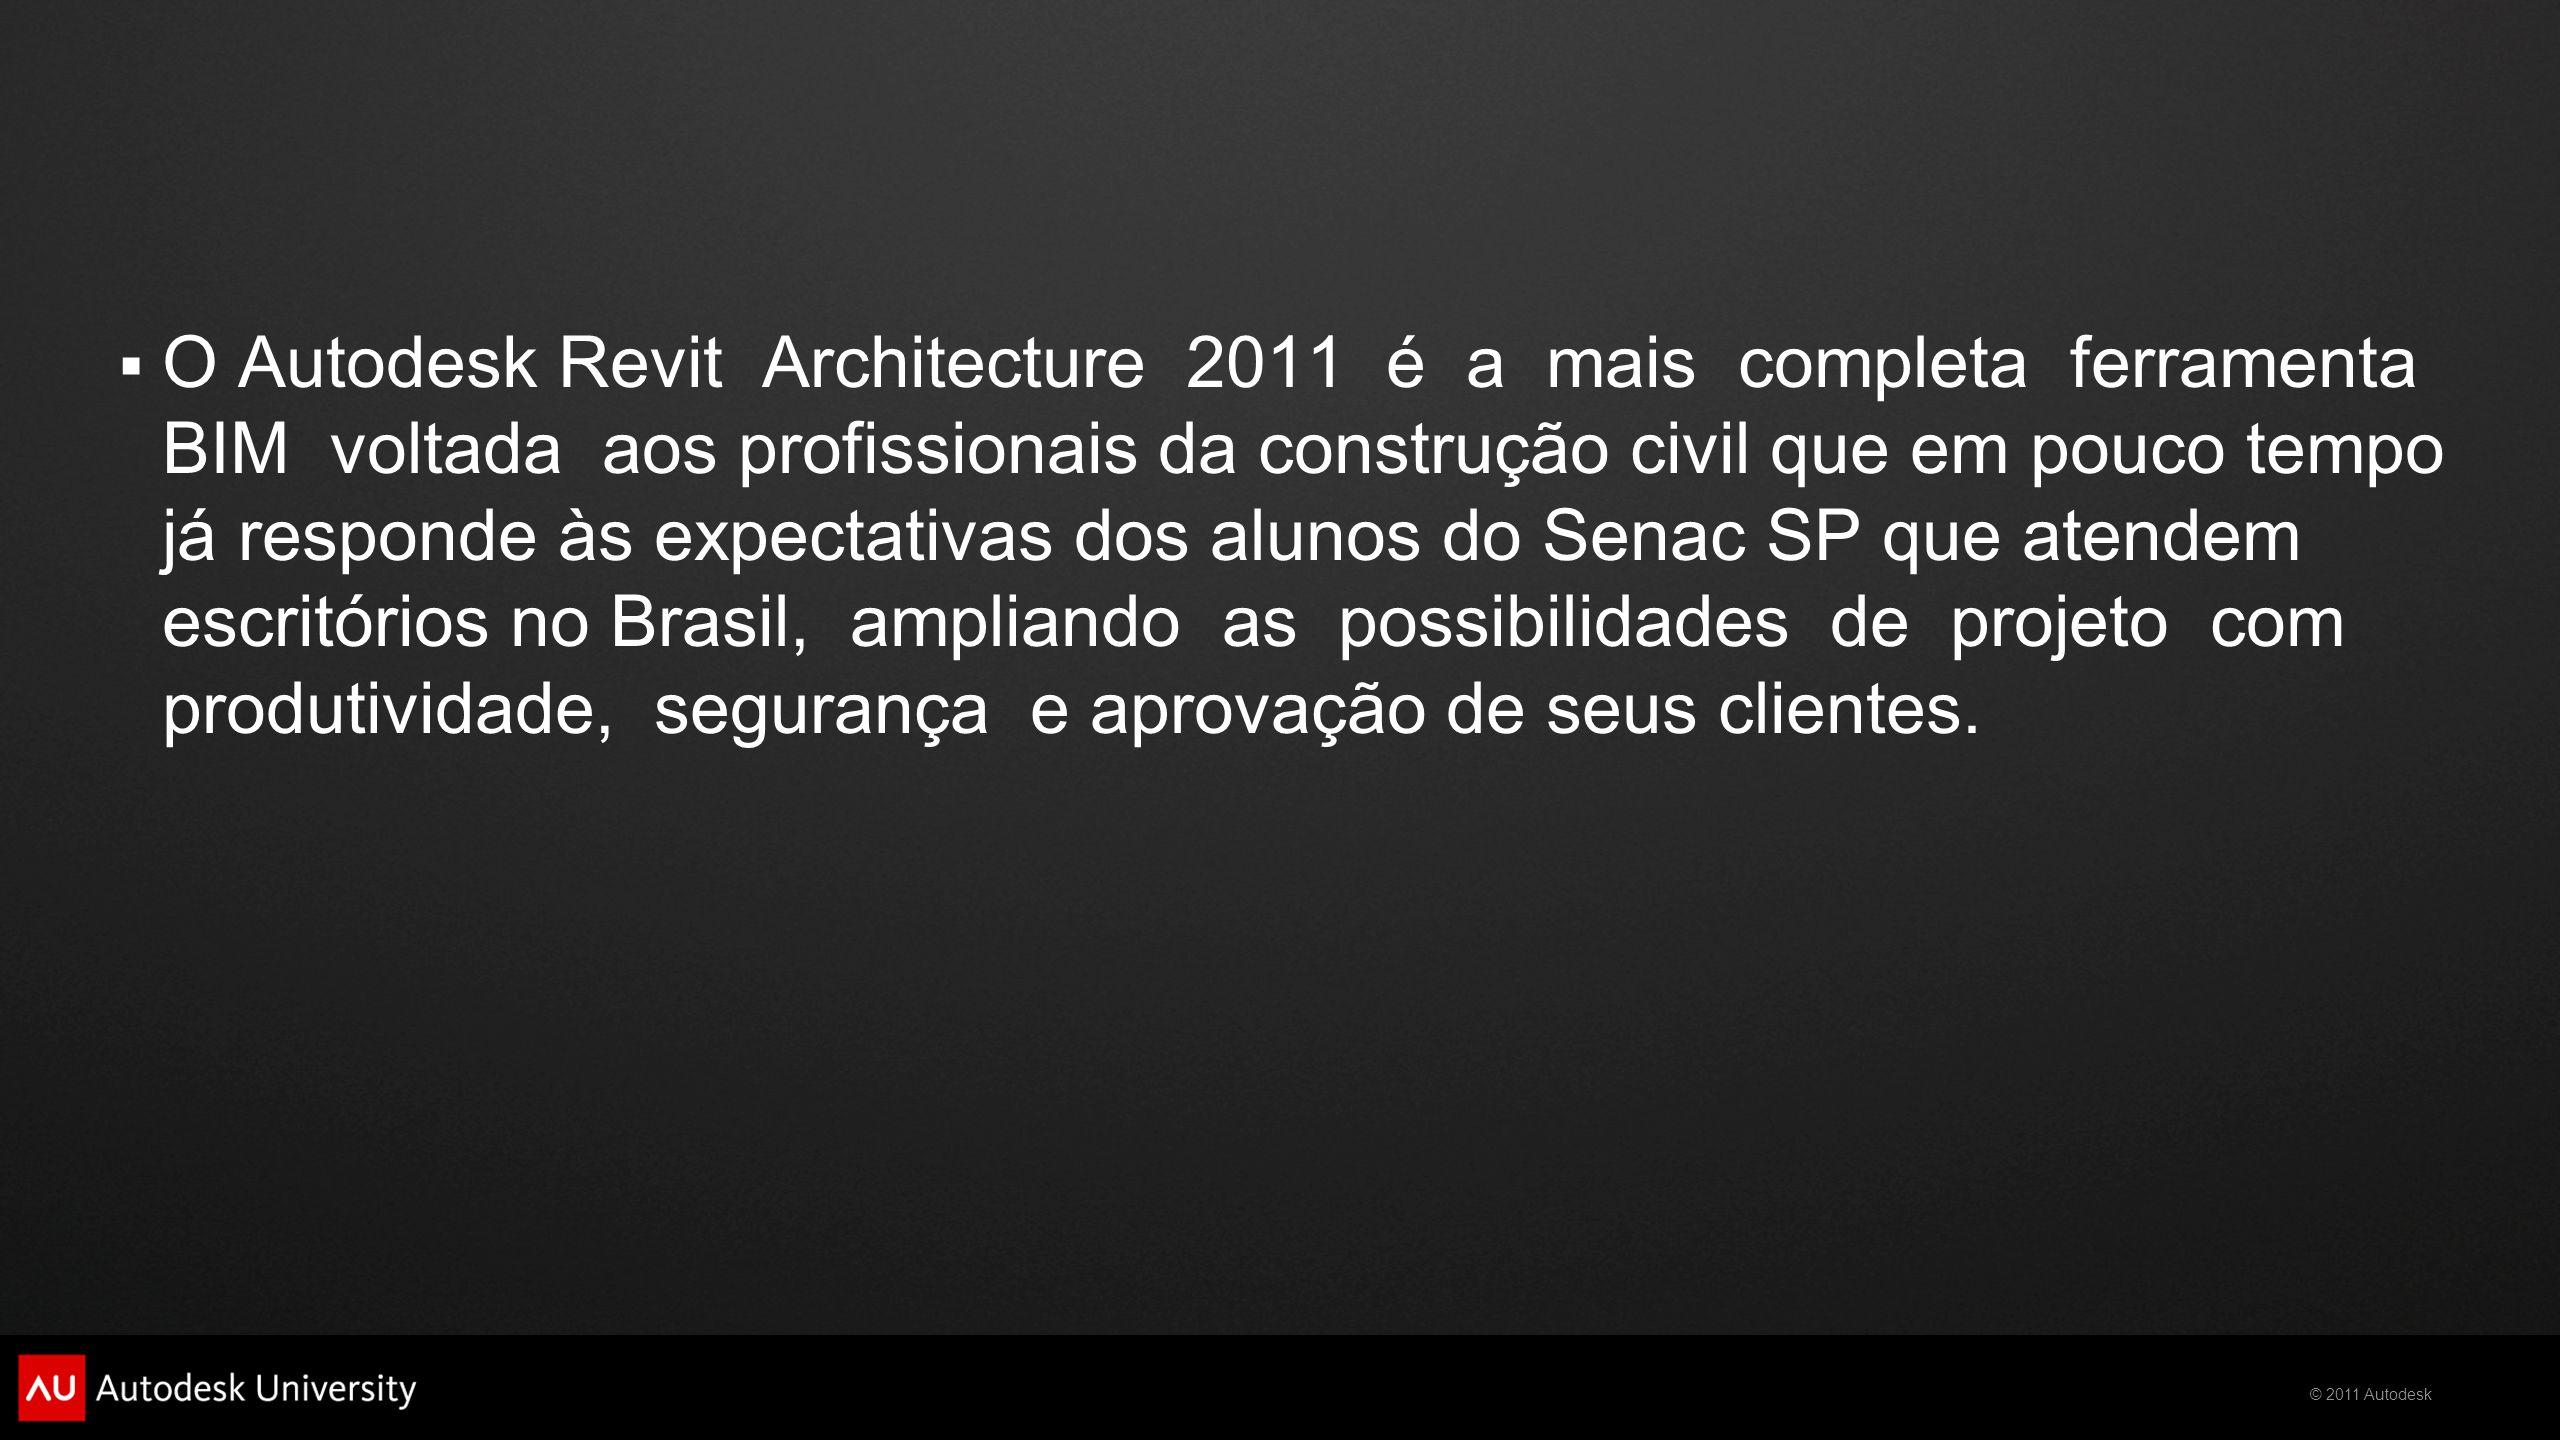  O Autodesk Revit Architecture 2011 é a mais completa ferramenta BIM voltada aos profissionais da construção civil que em pouco tempo já responde às expectativas dos alunos do Senac SP que atendem escritórios no Brasil, ampliando as possibilidades de projeto com produtividade, segurança e aprovação de seus clientes.